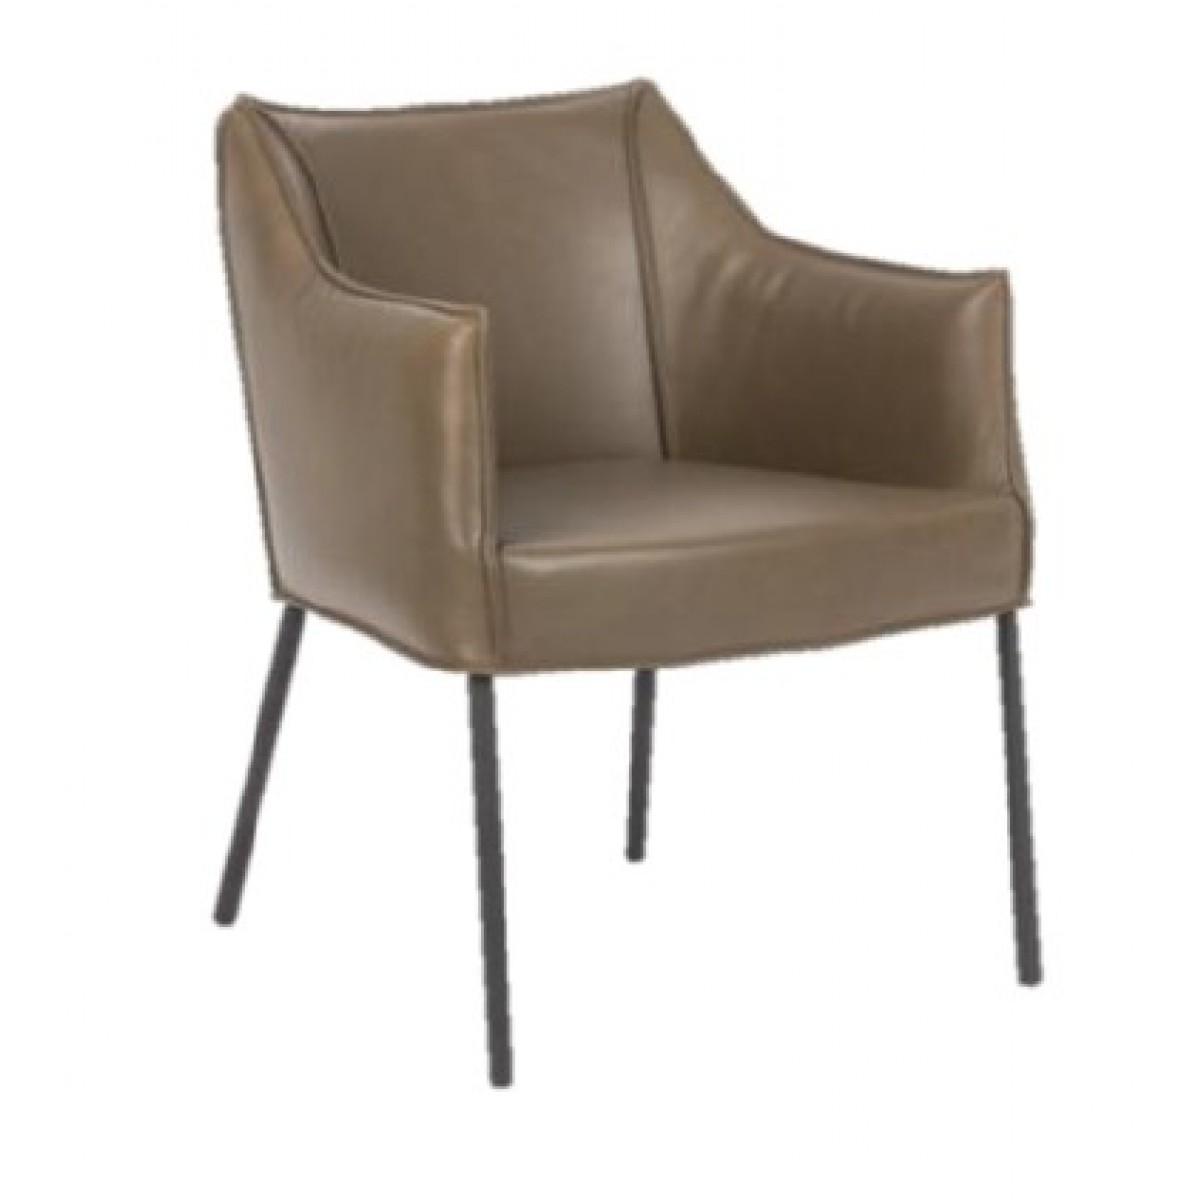 fortuna-stoel-armstoel-schuin-voor